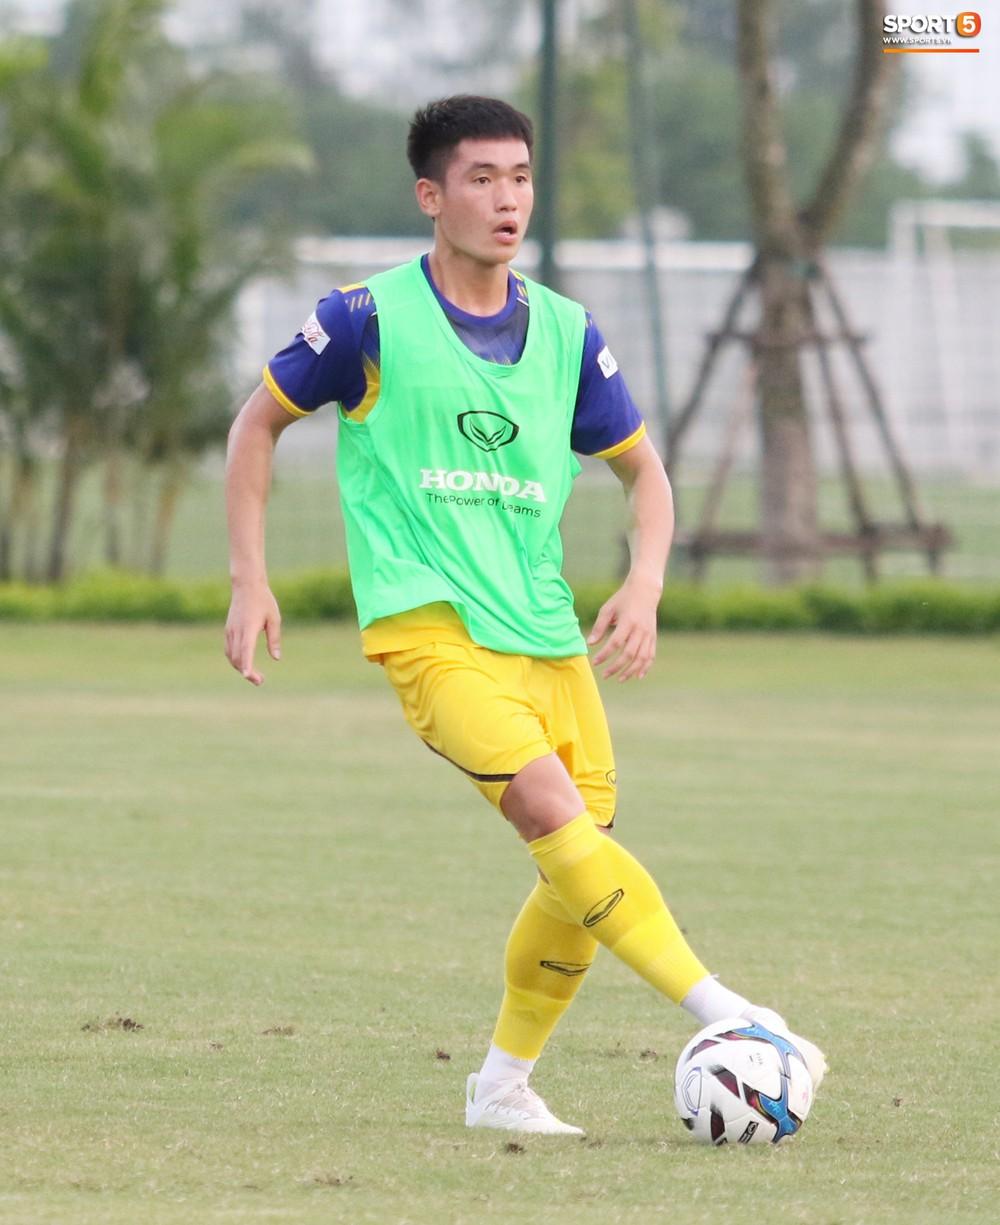 Trung vệ điển trai Huỳnh Tấn Sinh thể hiện tố chất thủ lĩnh trong buổi tập đầu tiên của U22 Việt Nam - Ảnh 2.